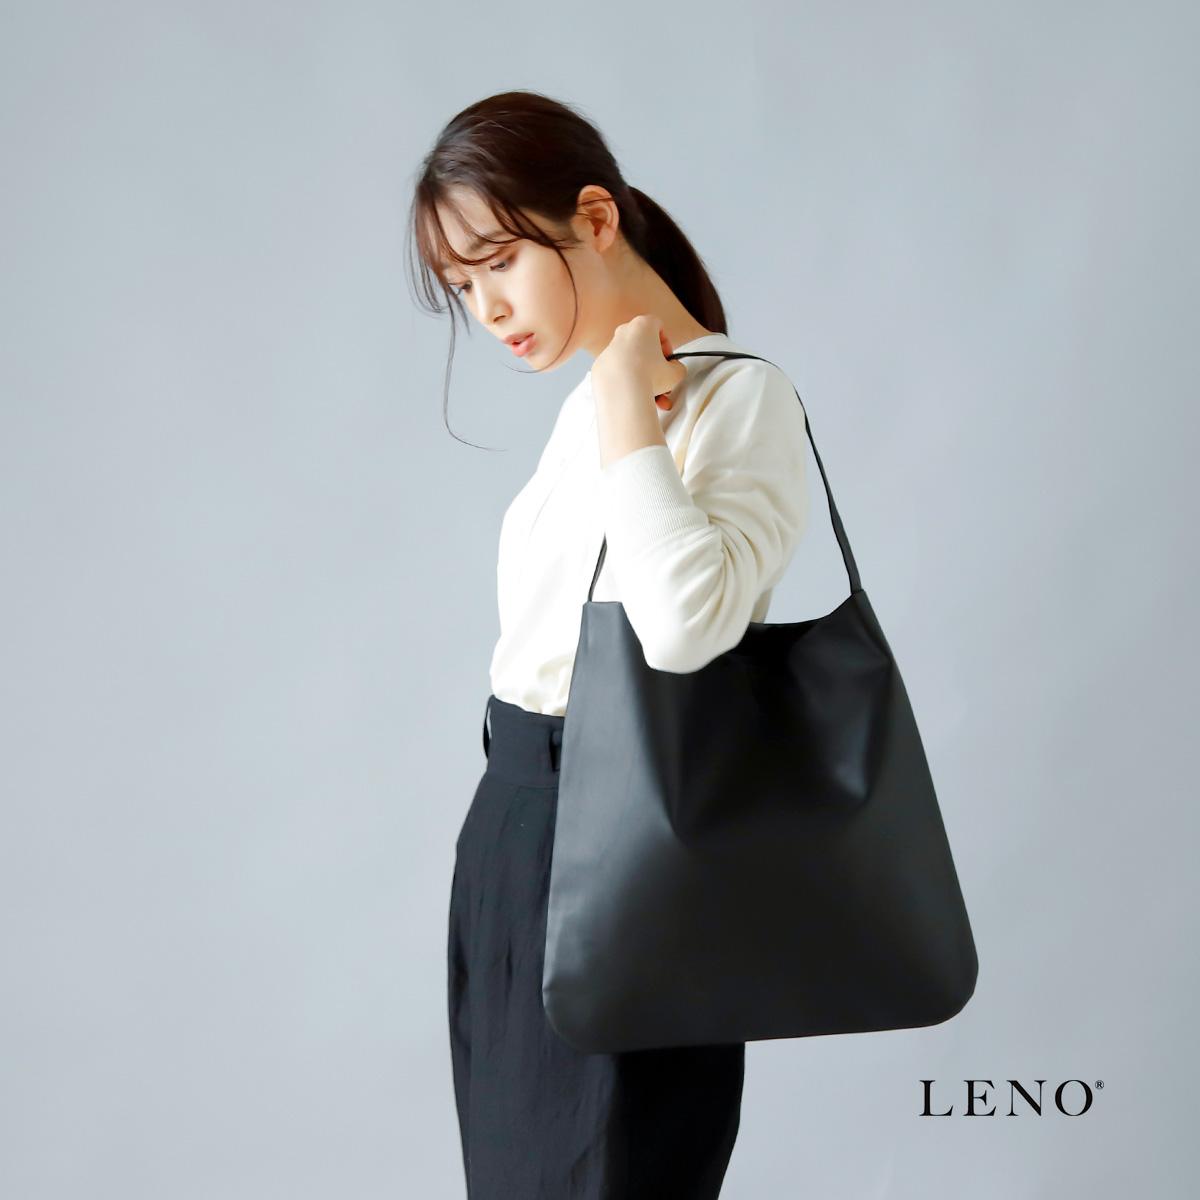 LENO(リノ)iroma別注 カウレザーワンハンドル ミディアムトートバッグ leno-ac008